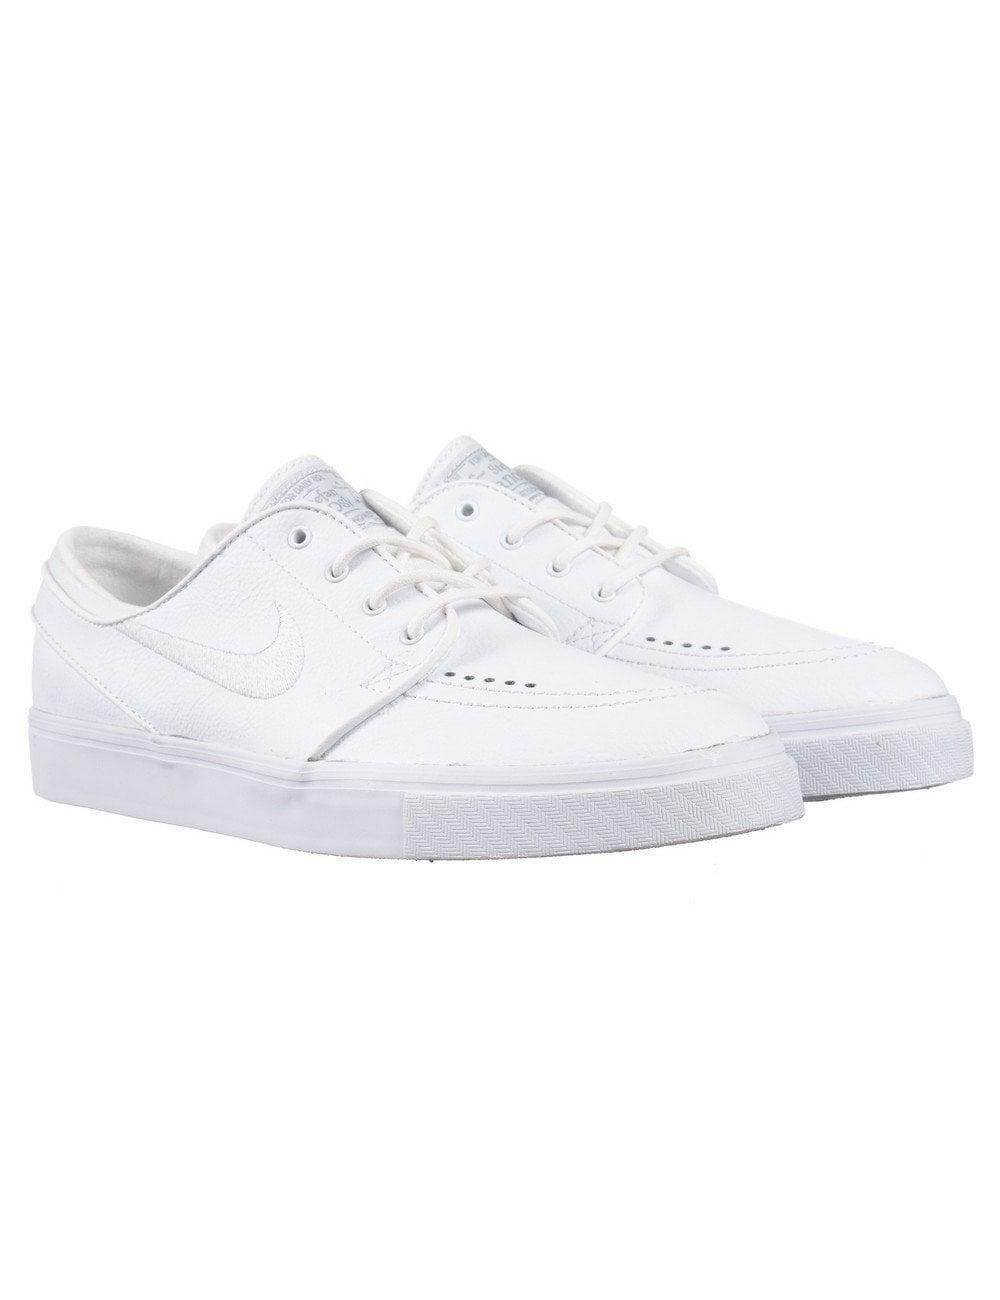 elige el más nuevo comprar popular estilo popular Nike SB Stefan Janoski Leather Shoes - White/White - Footwear from ...